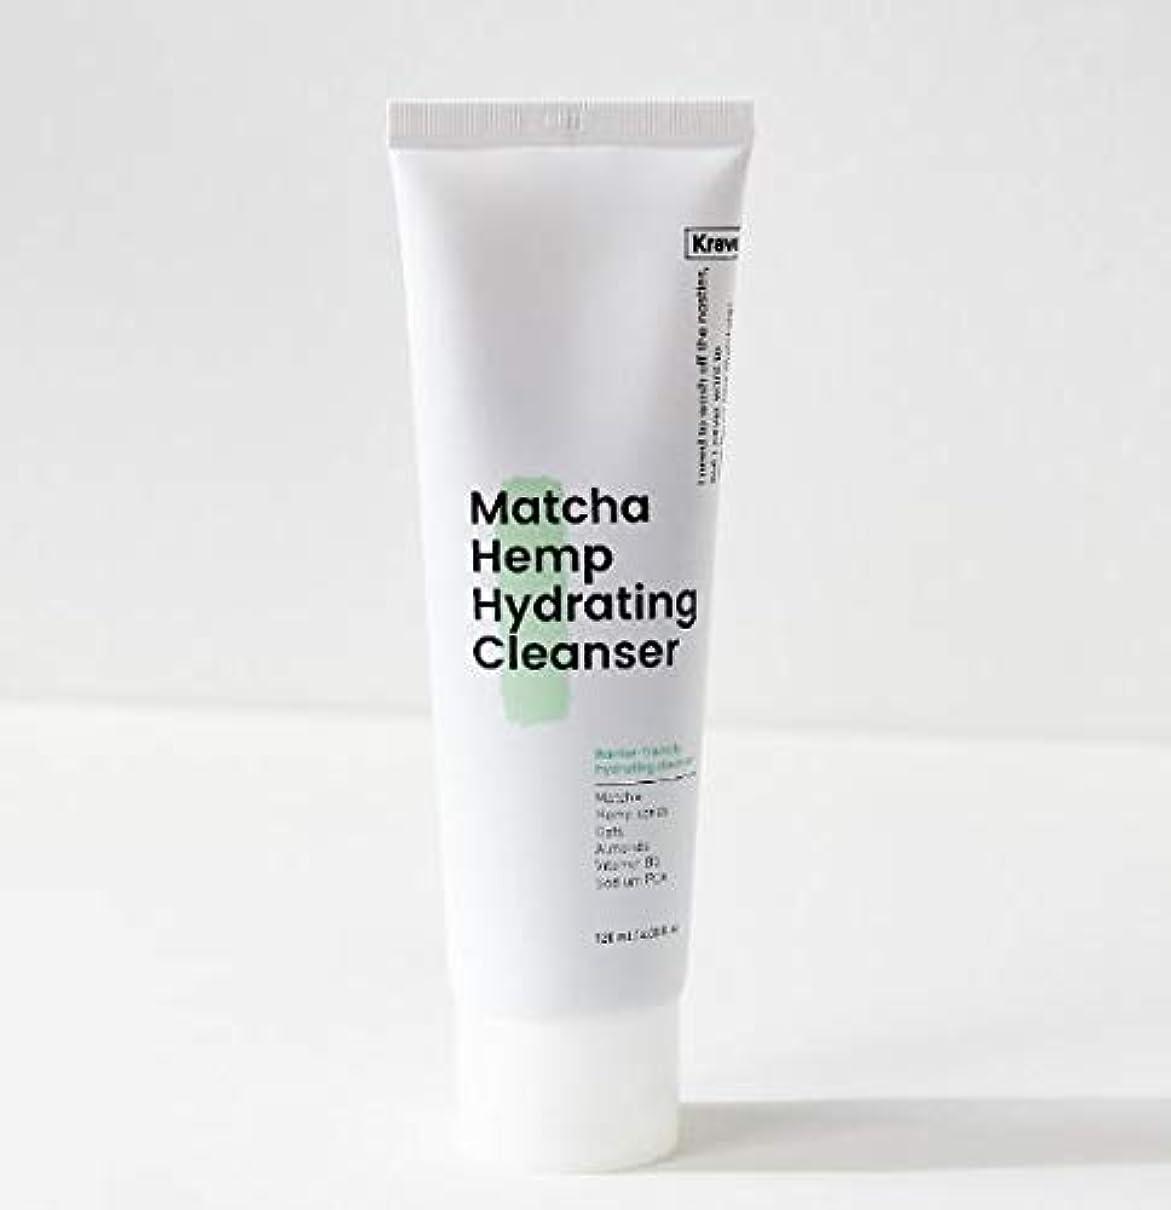 担当者申請者抜粋[Krave] Matcha Hemp Hydrating Cleanser 120ml / 抹茶ハイドレイティングクレンザー120ml [並行輸入品]